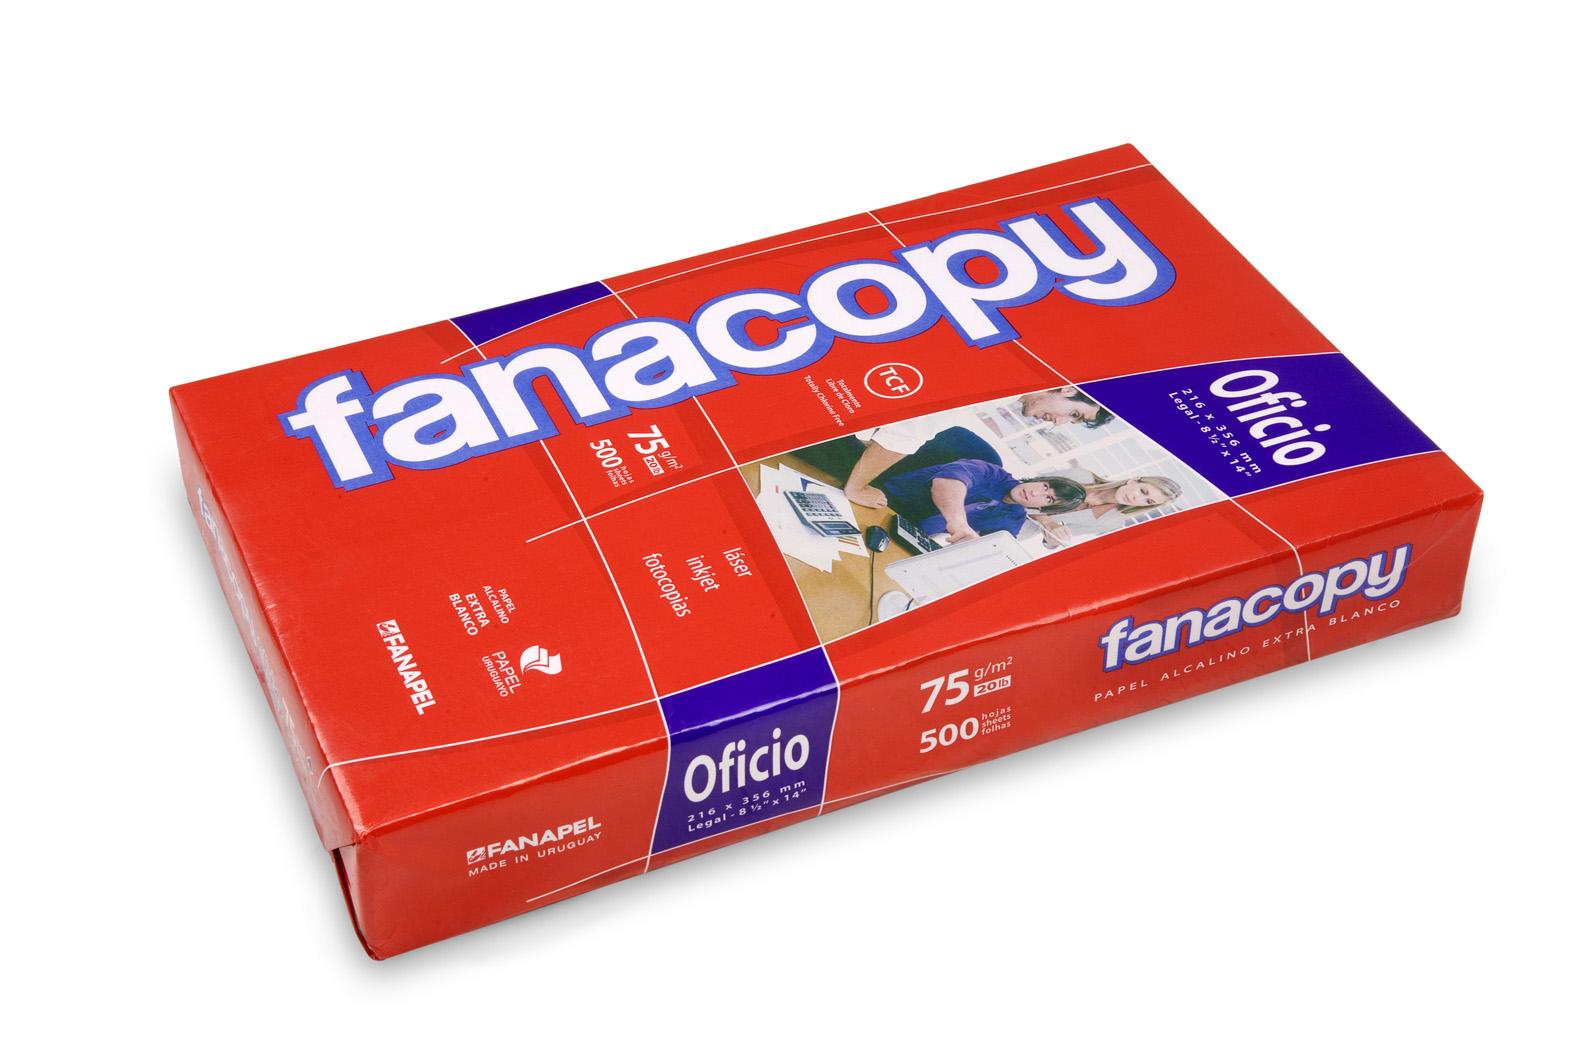 fanacoy-oficio